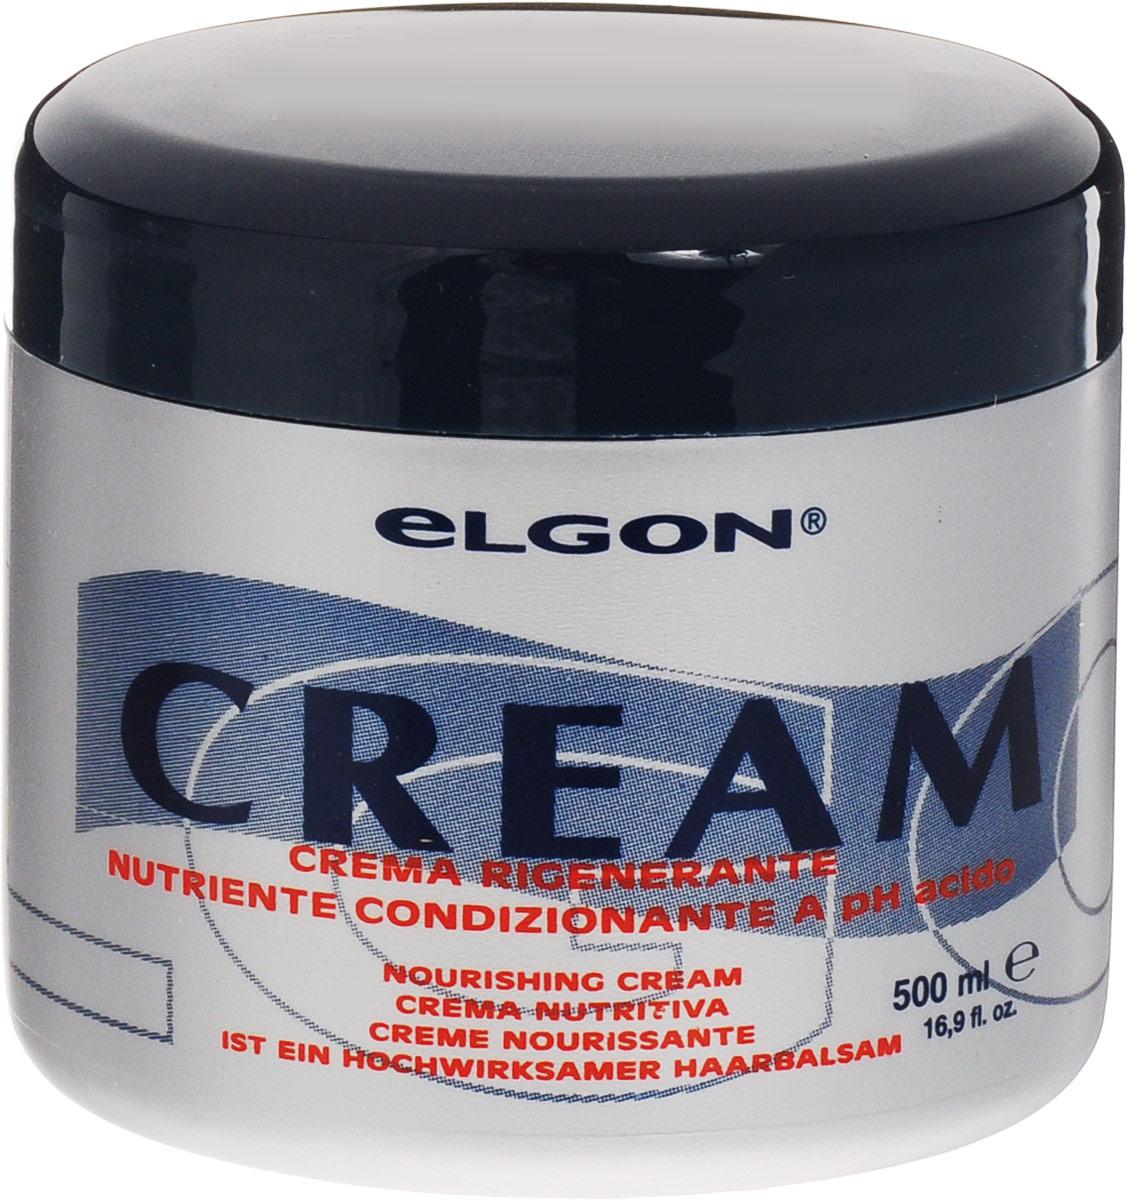 Elgon Shampoos&Mask Крем-кондиционер для волос Crema Rigenerante, 500 мл1001010500Крем-кондиционер для интенсивного увлажнения и питания волос Elgon Crema Rigenerante подходит для кондиционирования всех типов волос, особенно поврежденных и пористых. Идеальное средство после Luminoil. Обволакивает волосы незаметной защитной пленкой. Для максимальной гладкости и блеска. Облегчает расчесывание и дальнейшую работу с волосами.Товар сертифицирован.